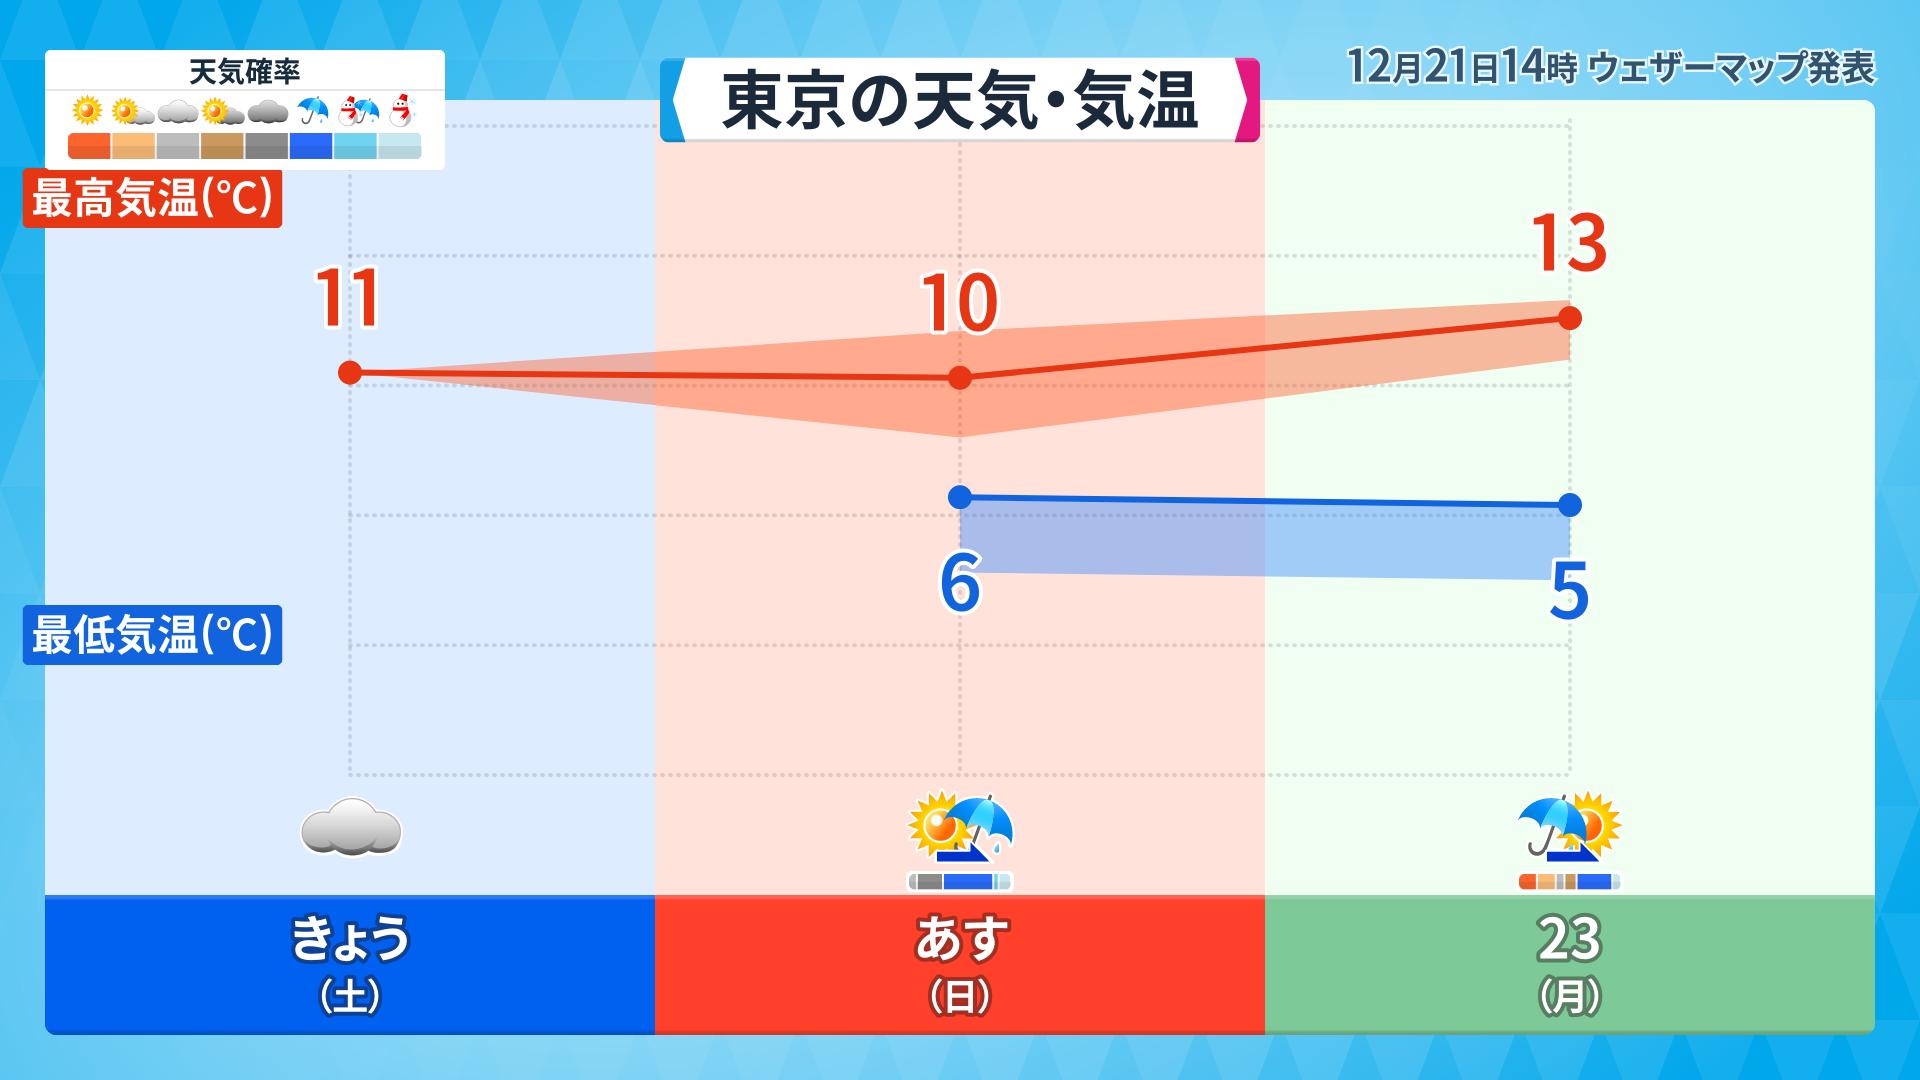 明日 の 東京 の 天気